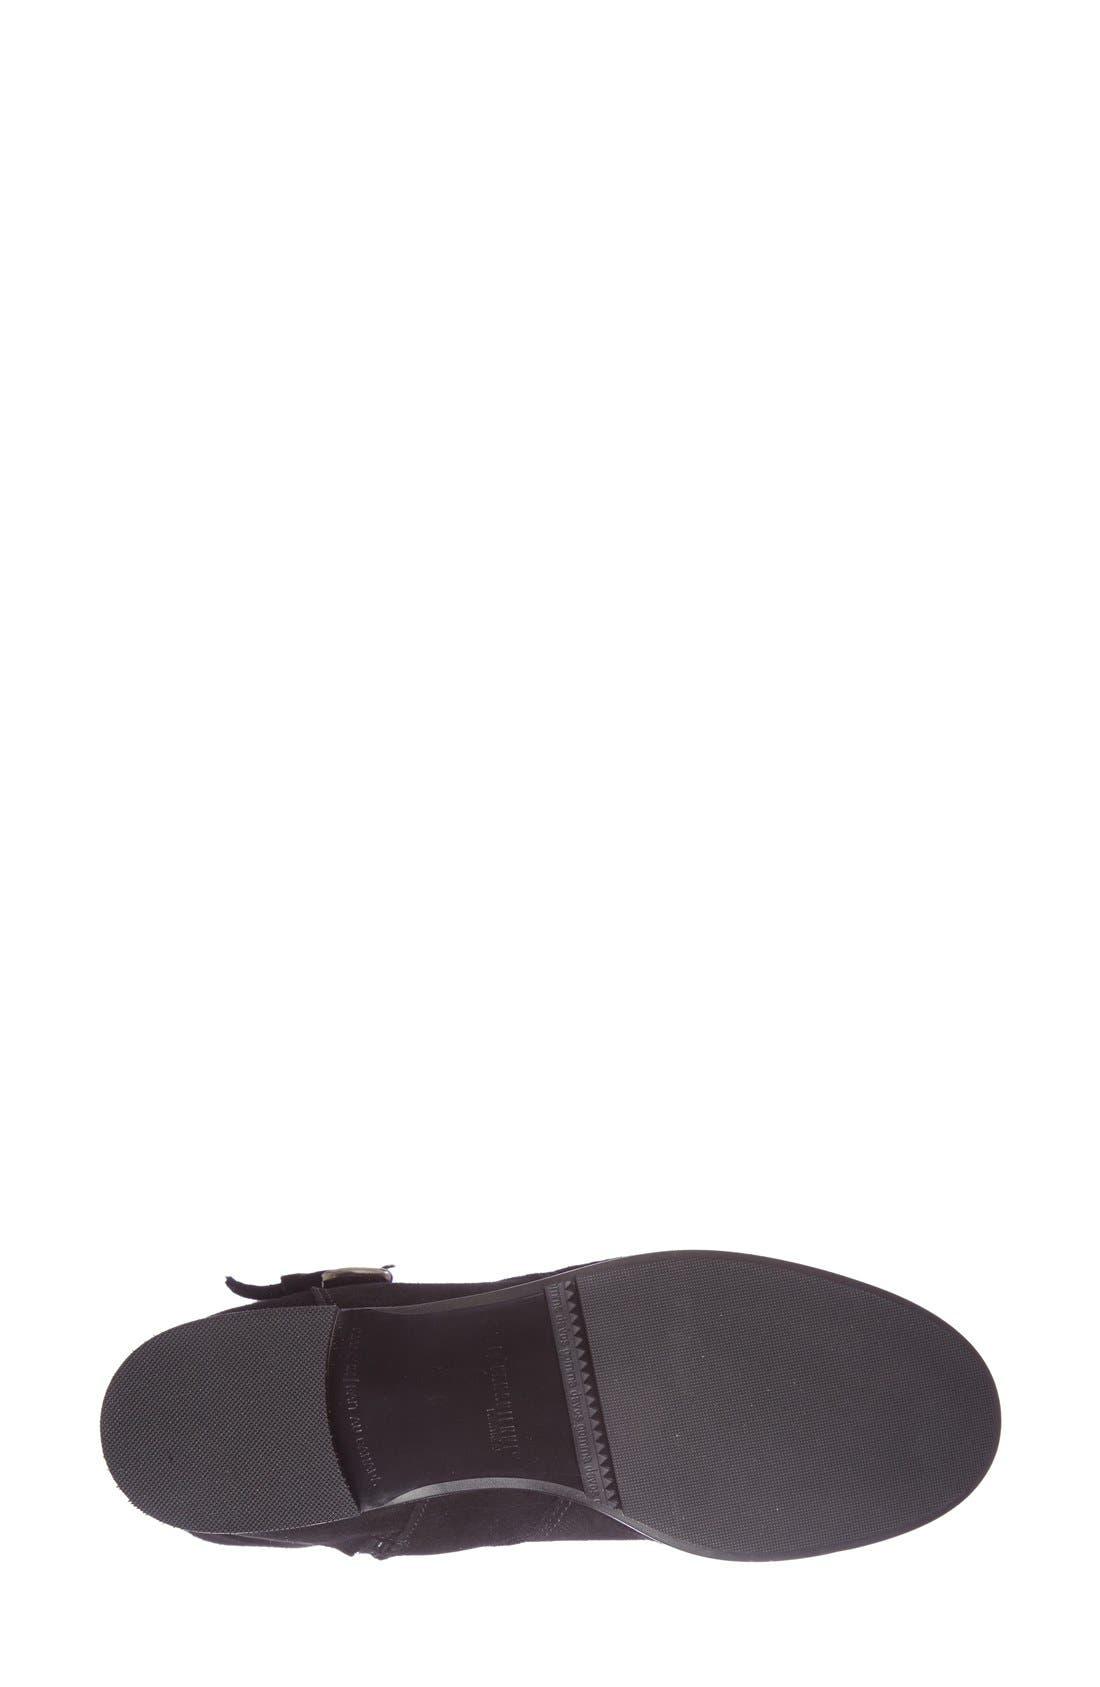 'Stefanie' Waterproof Boot,                             Alternate thumbnail 9, color,                             BLACK SUEDE